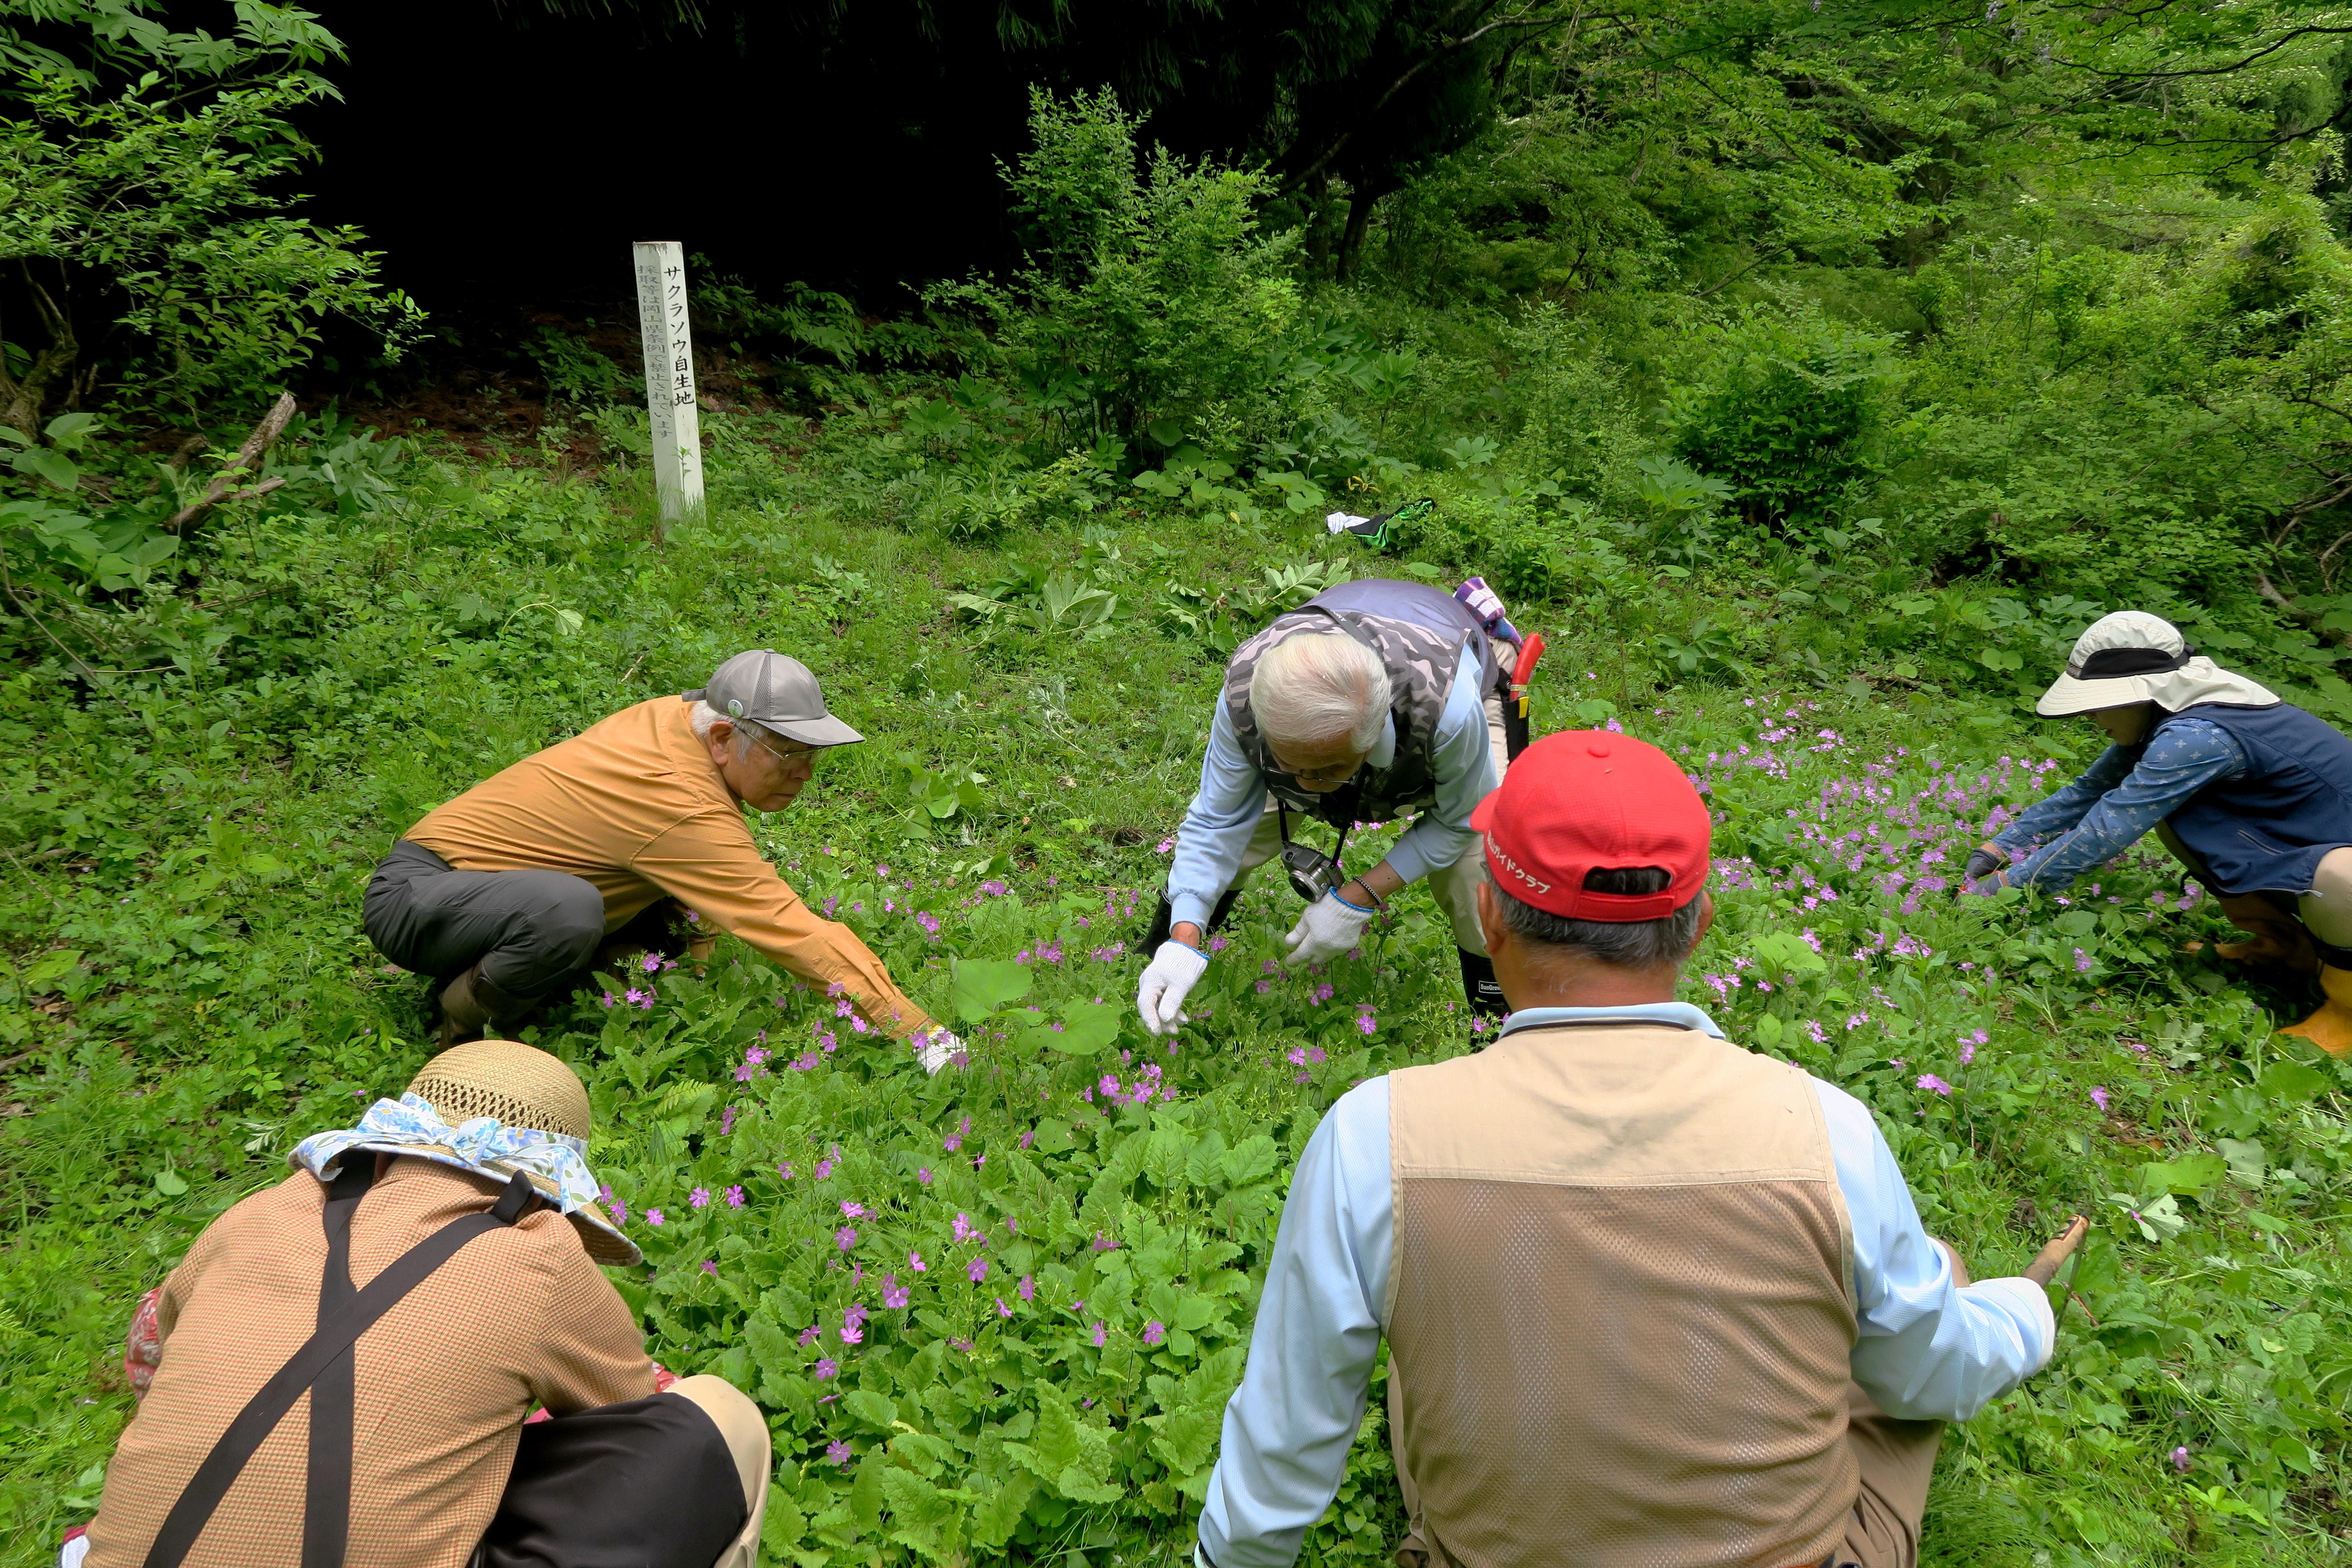 5/16 サクラソウ保護活動 フキなどを除去    5/16 周囲の木を切り倒し日当りが良く成れば自力でドンドン増えて行きます。